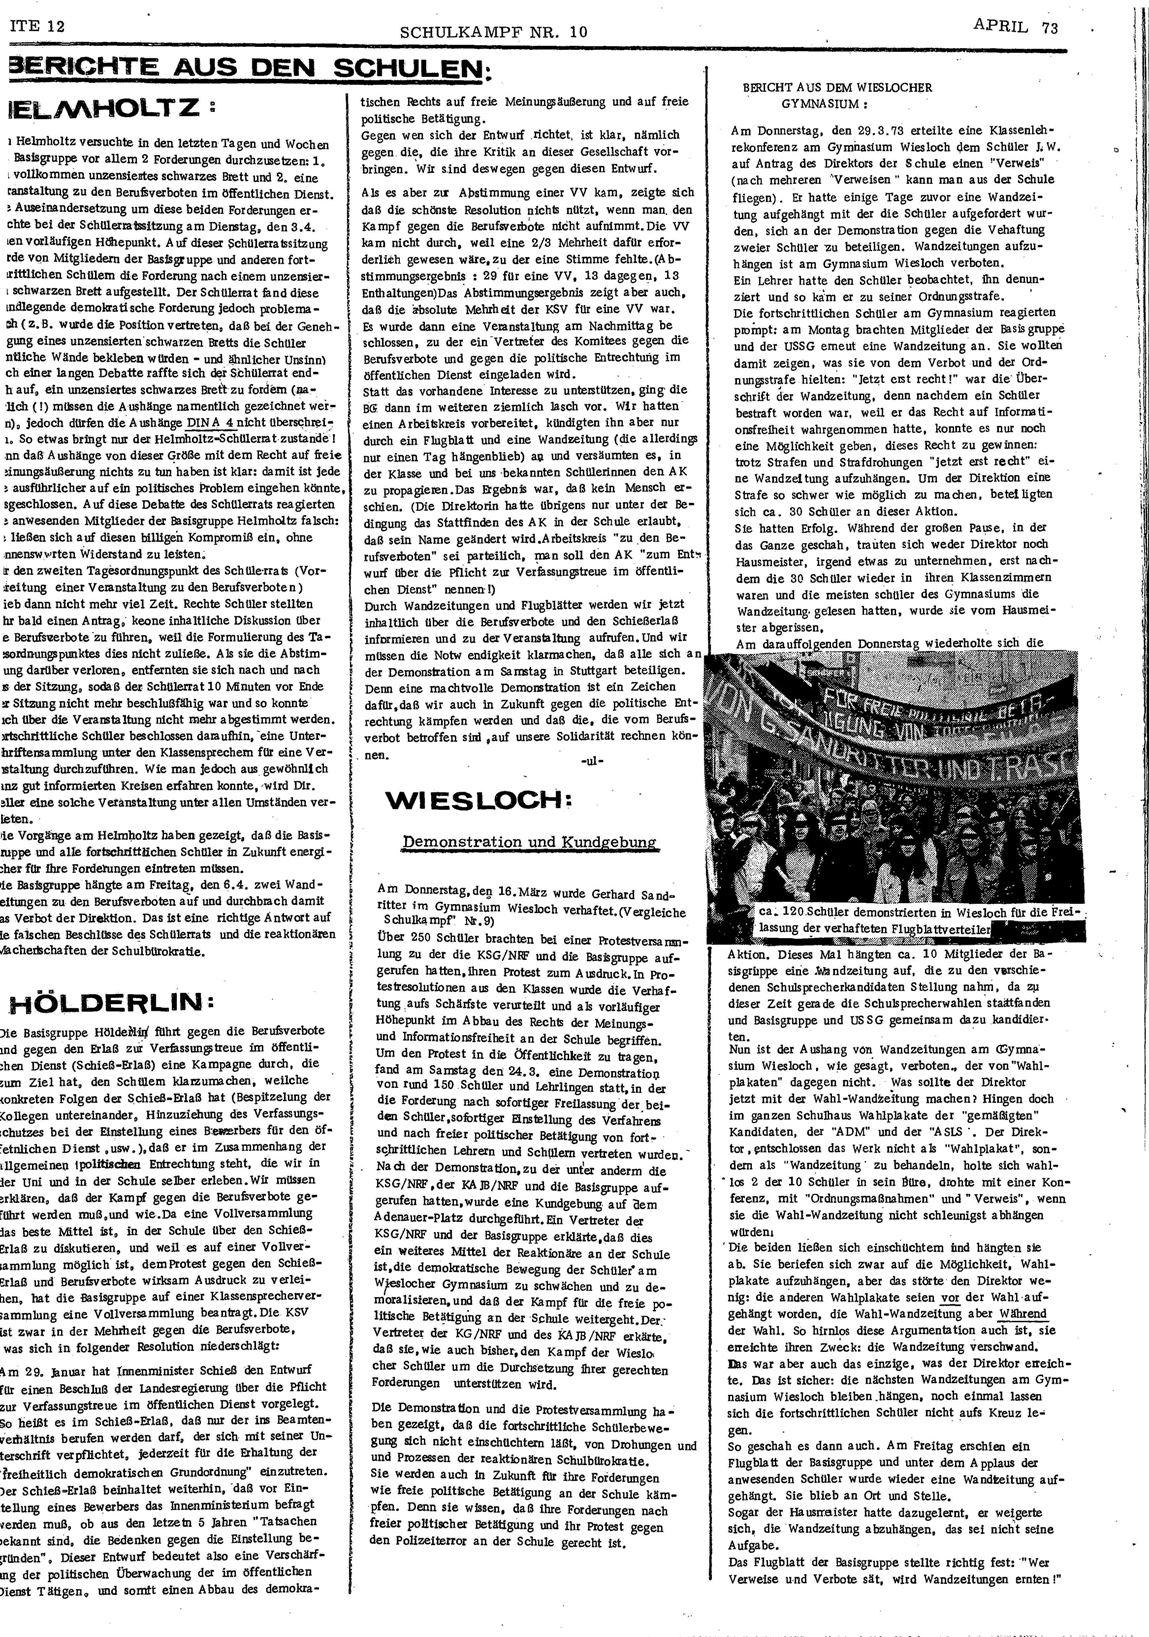 Heidelberg_Schulkampf_10_12